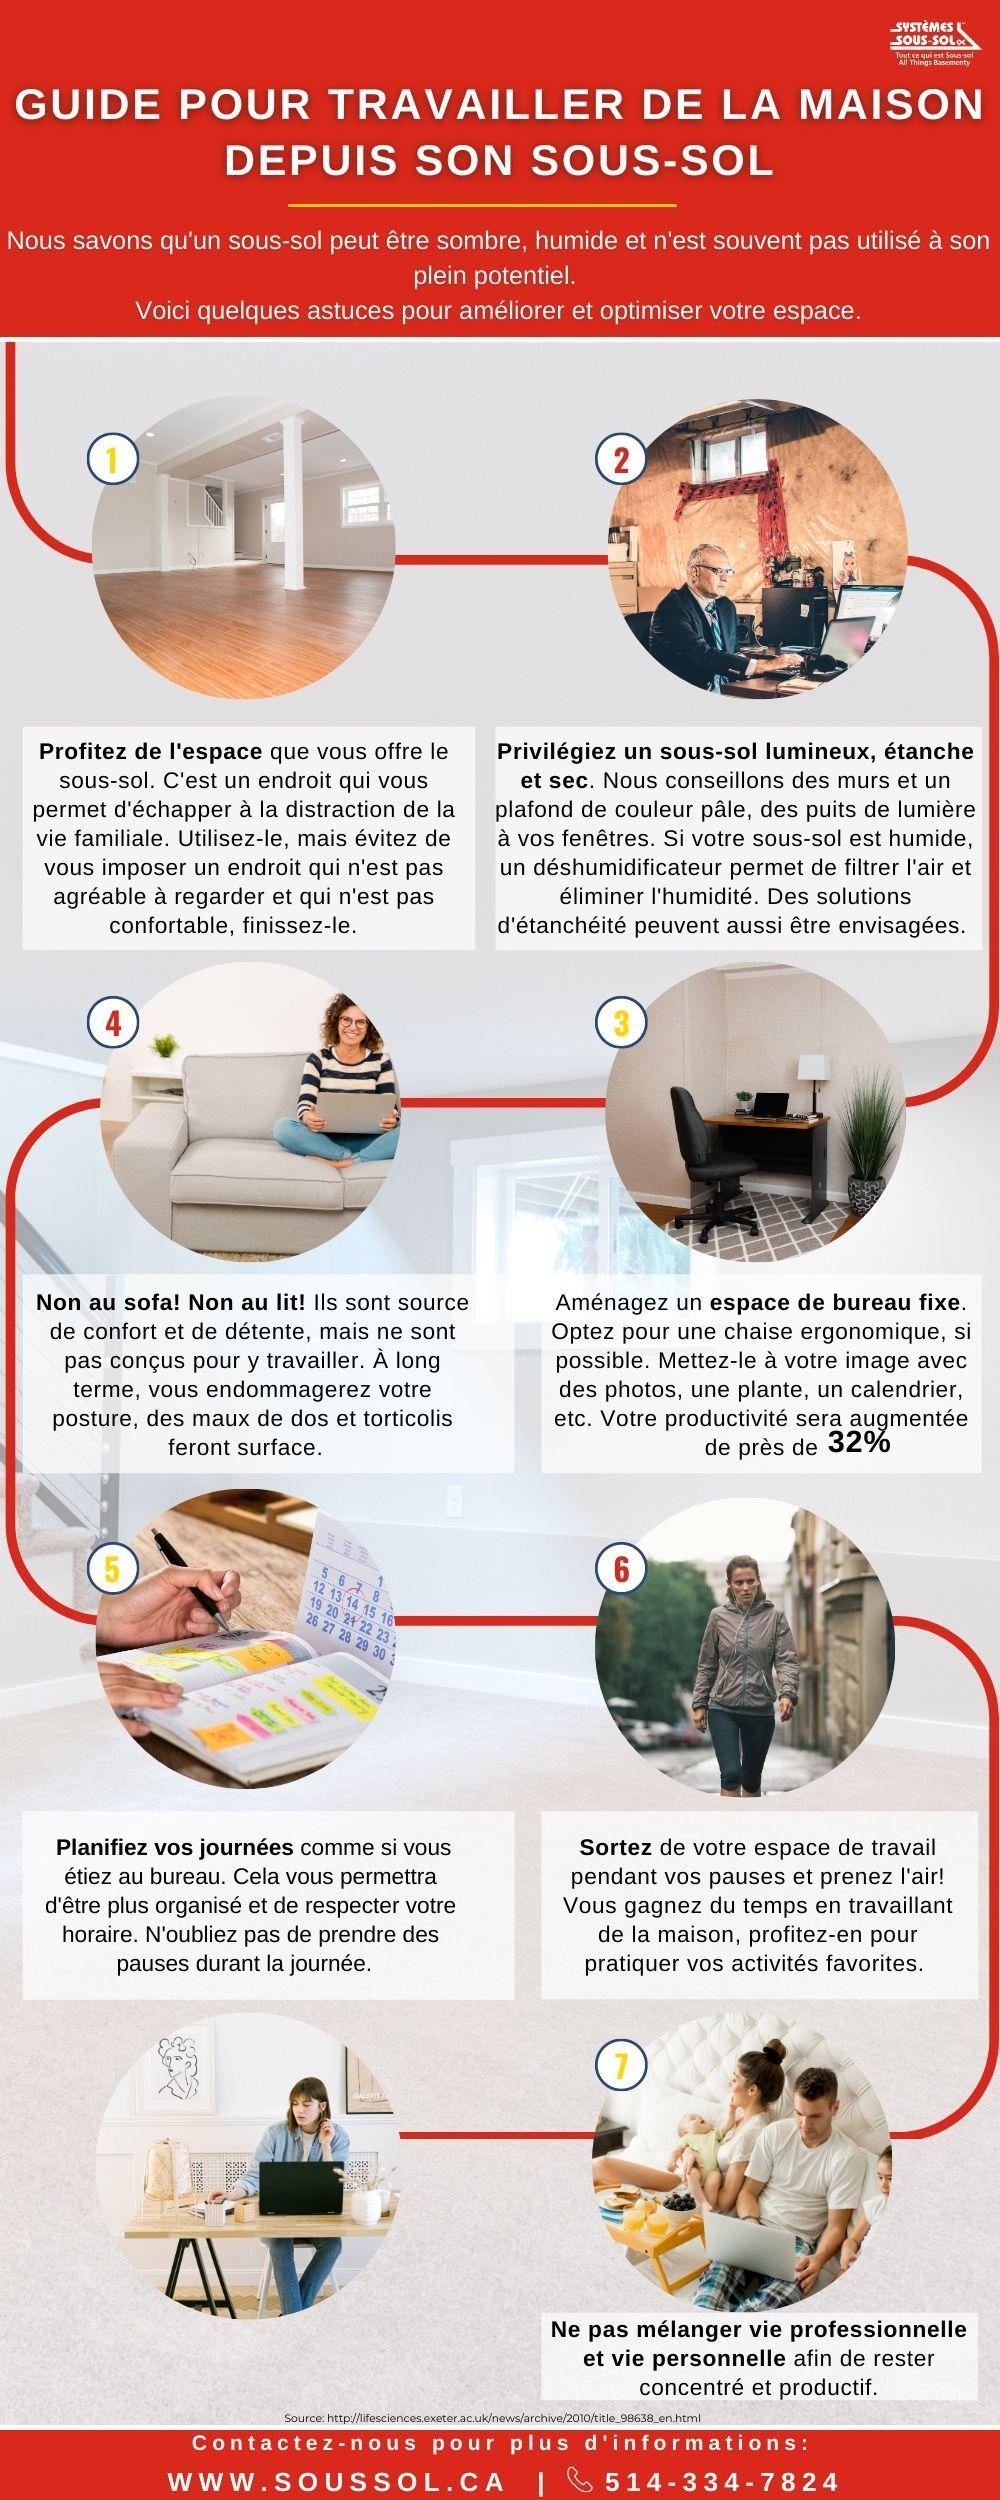 Guide pour travailler de la maison depuis son sous-sol